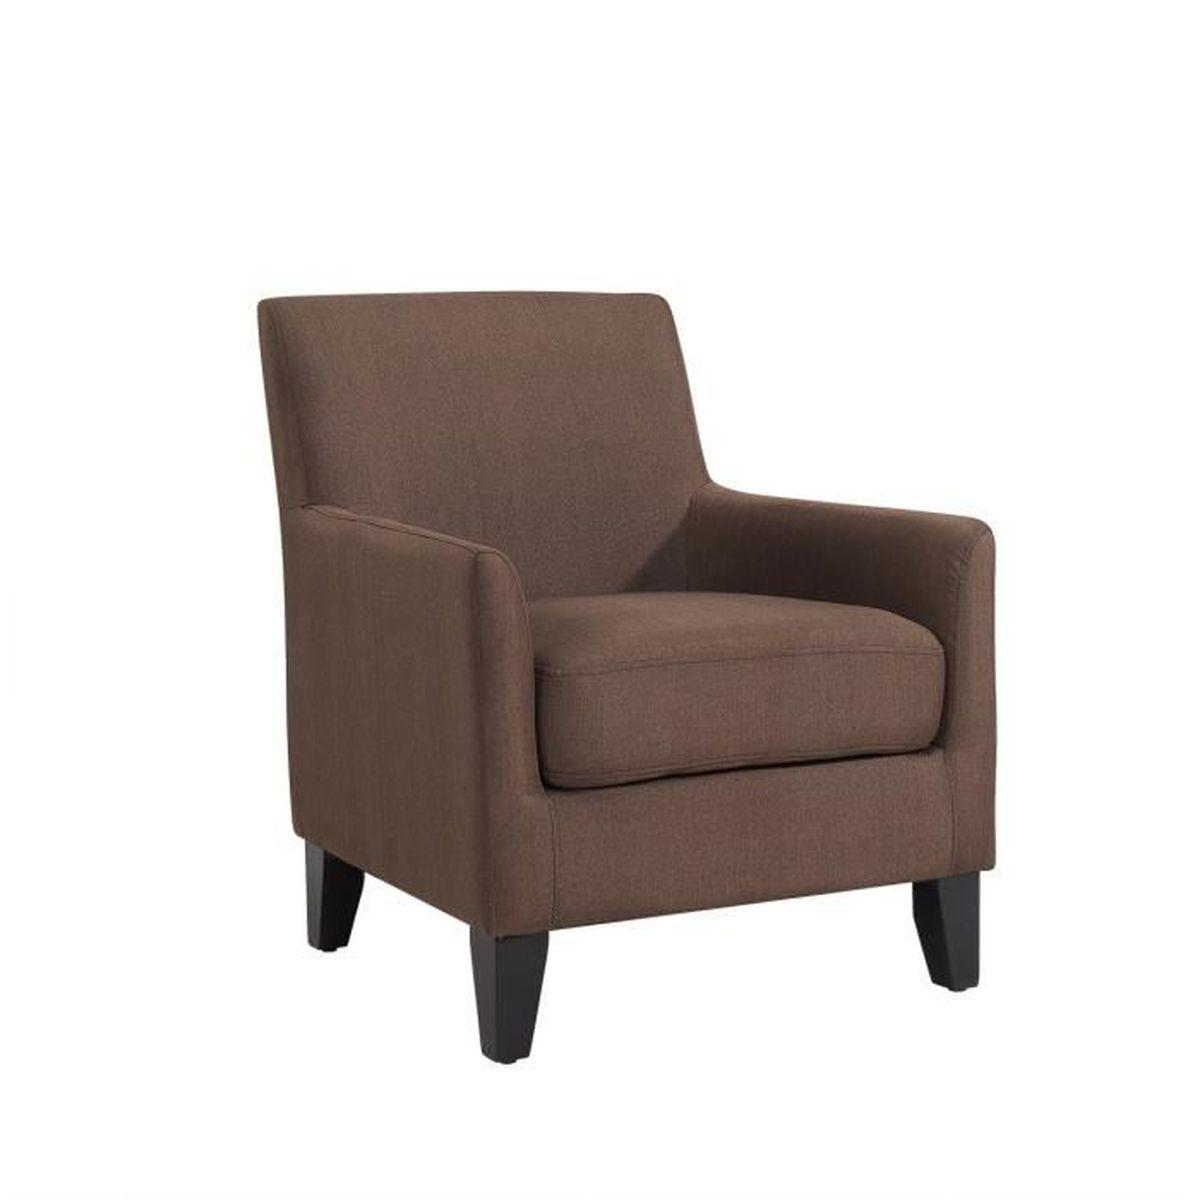 fauteuil tissu marron confortable brad Résultat Supérieur 5 Frais Fauteuil Marron Pas Cher Photographie 2017 Jdt4